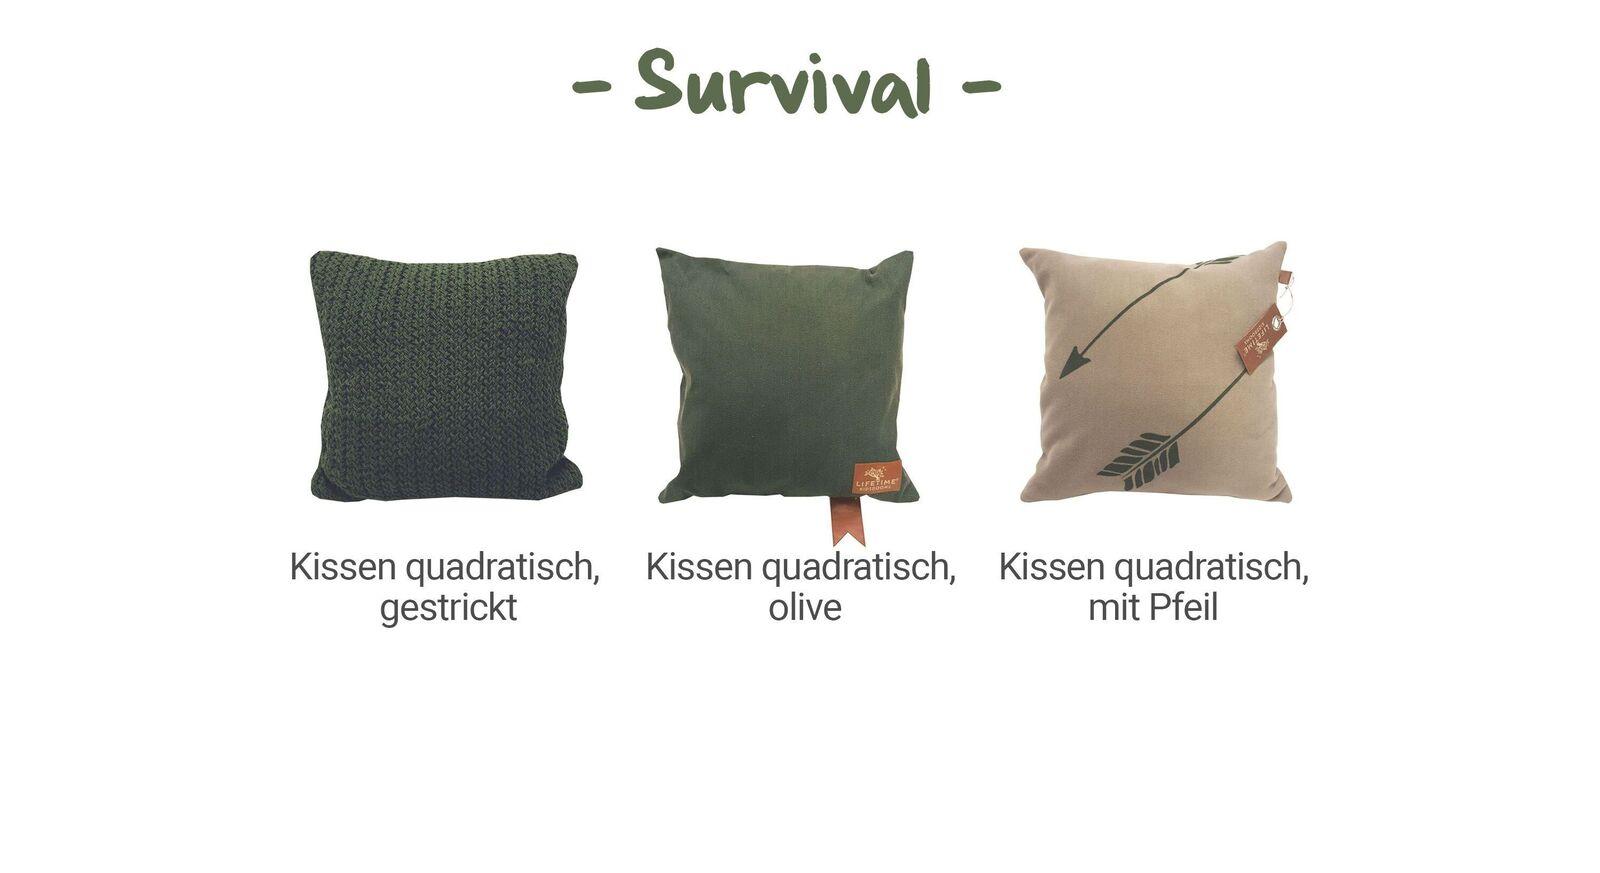 Übersicht LIFETIME Dekokissen Survival